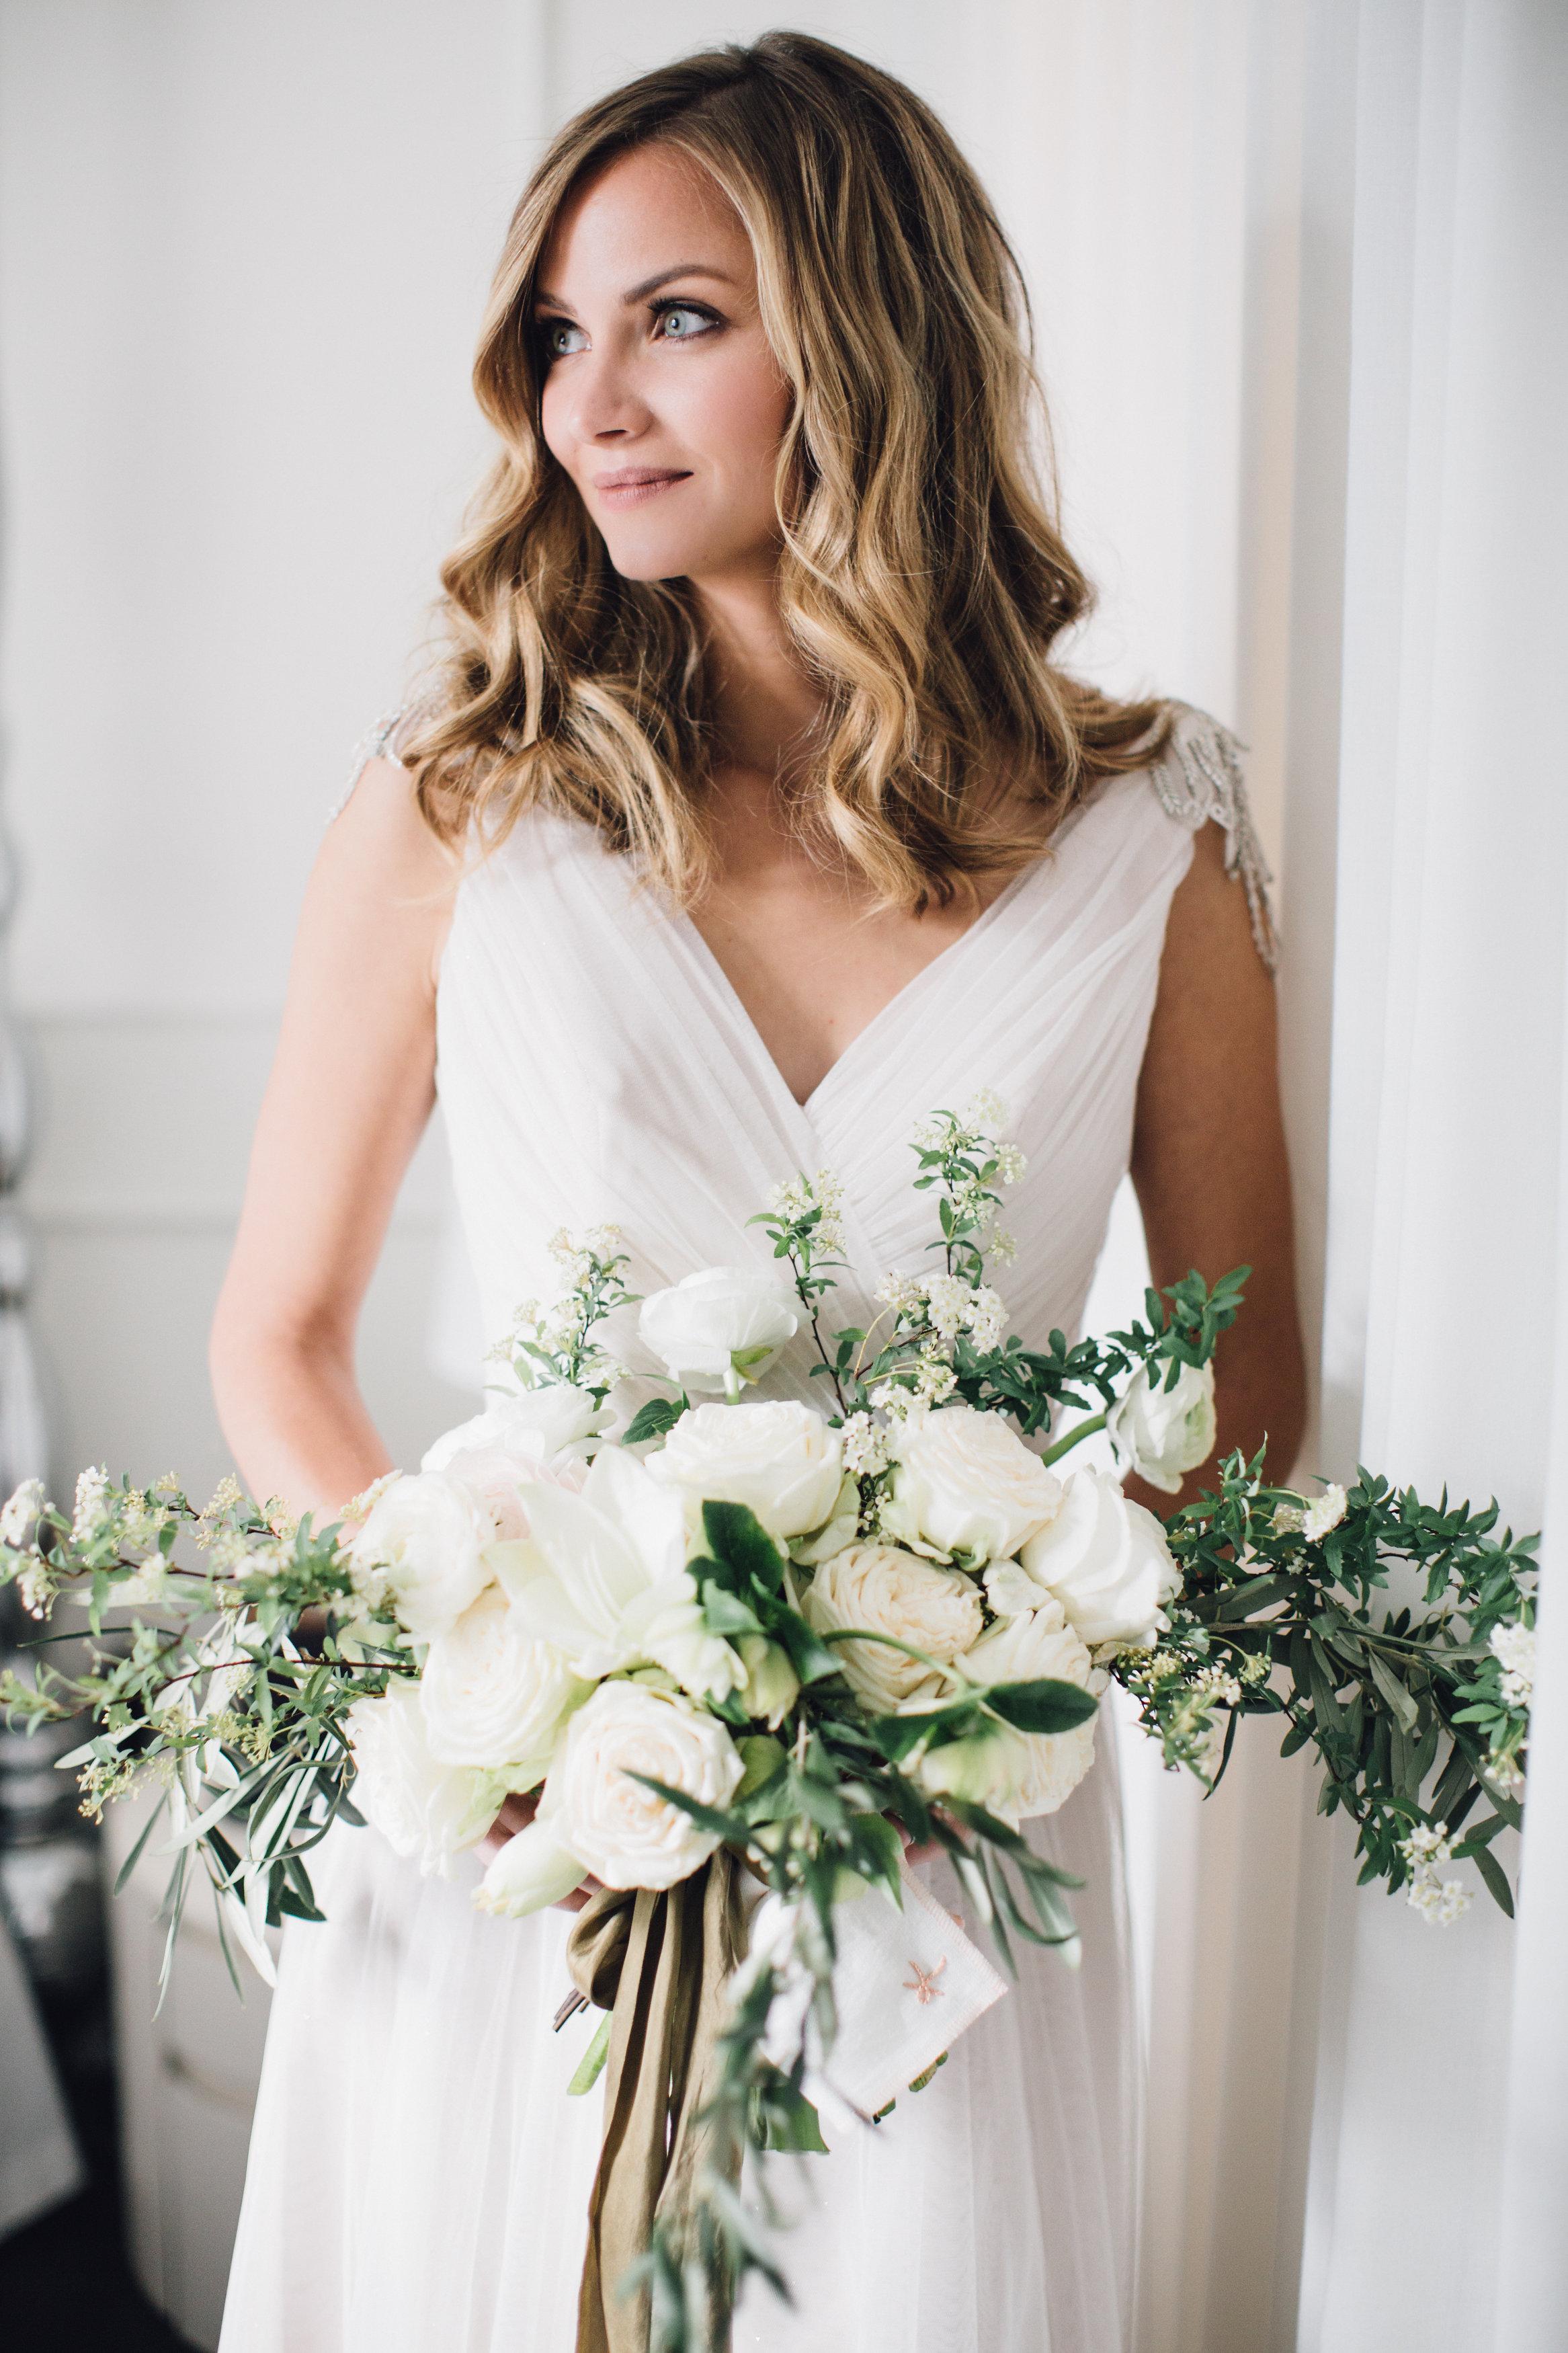 ruffled-boston-custom-handkerchief-bridesmaid-wedding-gift-perfect-best-linen-monogram